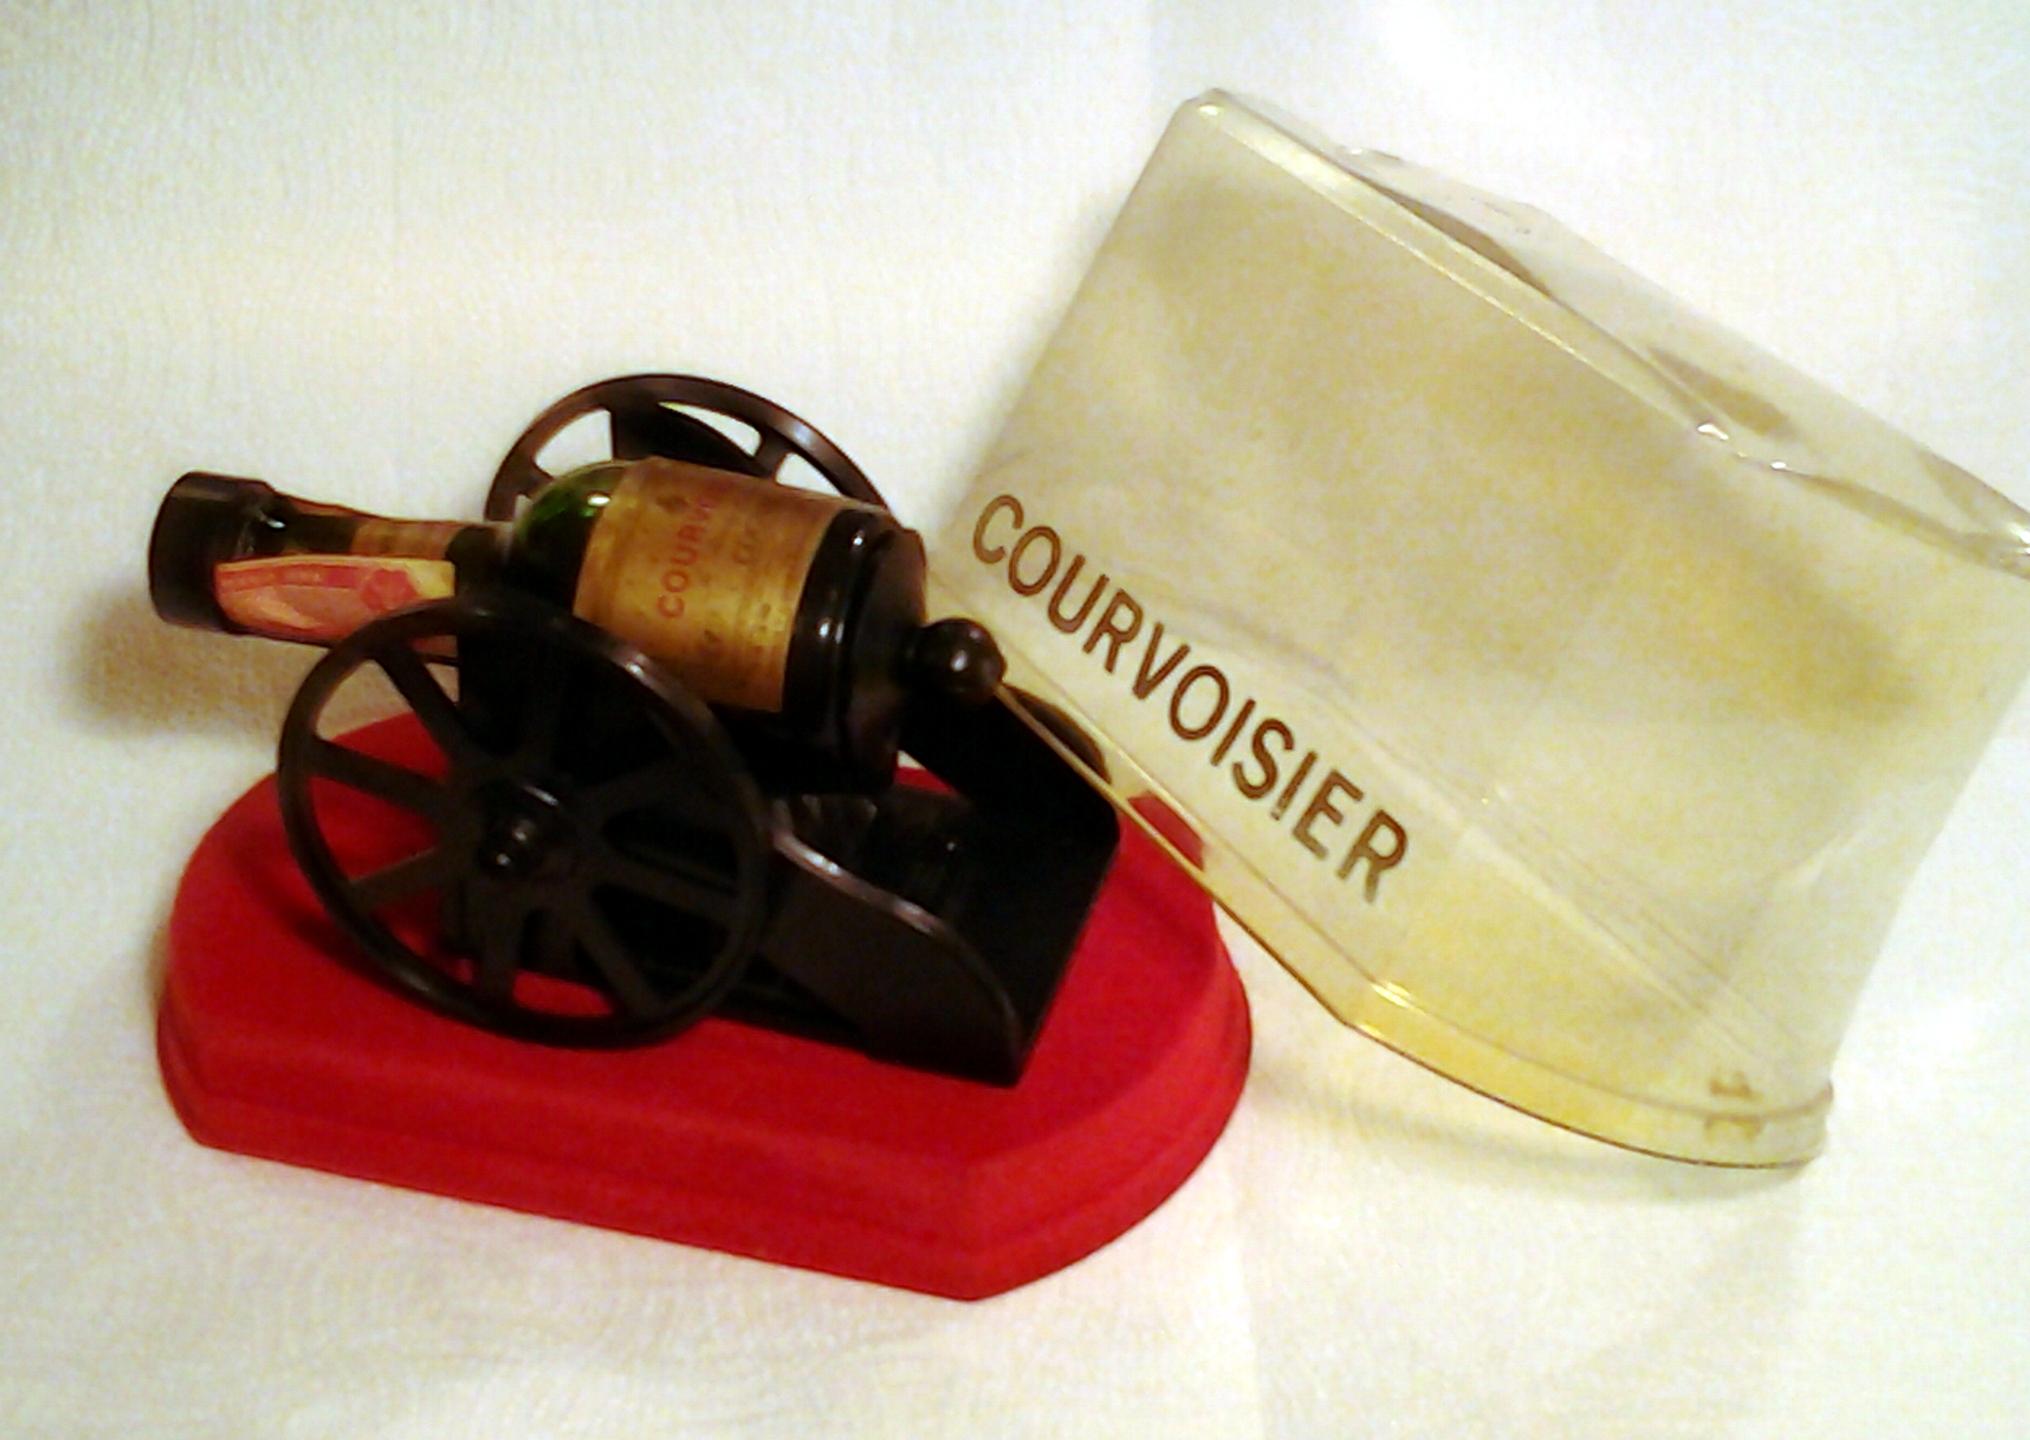 Courvoisier VSOP Miniature Cannon